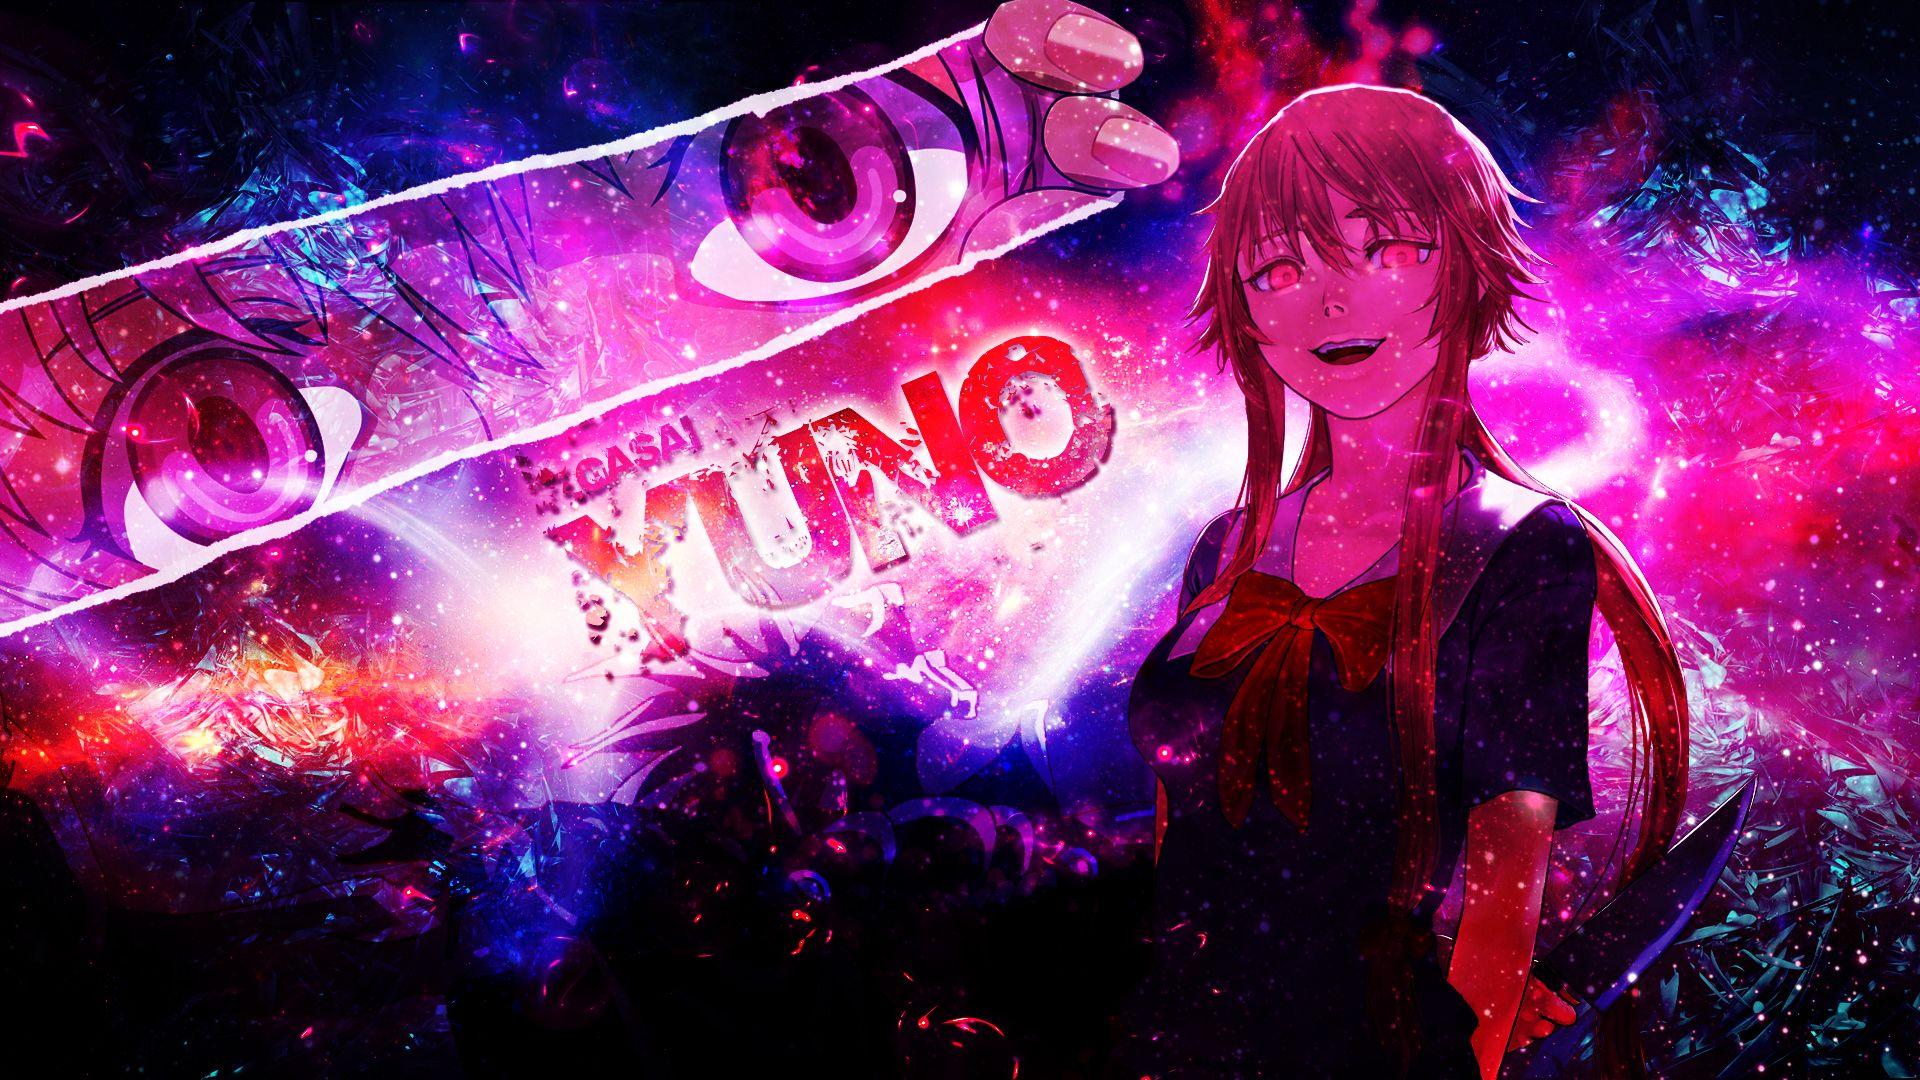 Anime Mirai Nikki Yuno Gasai Wallpaper Mirai Nikki Yuno